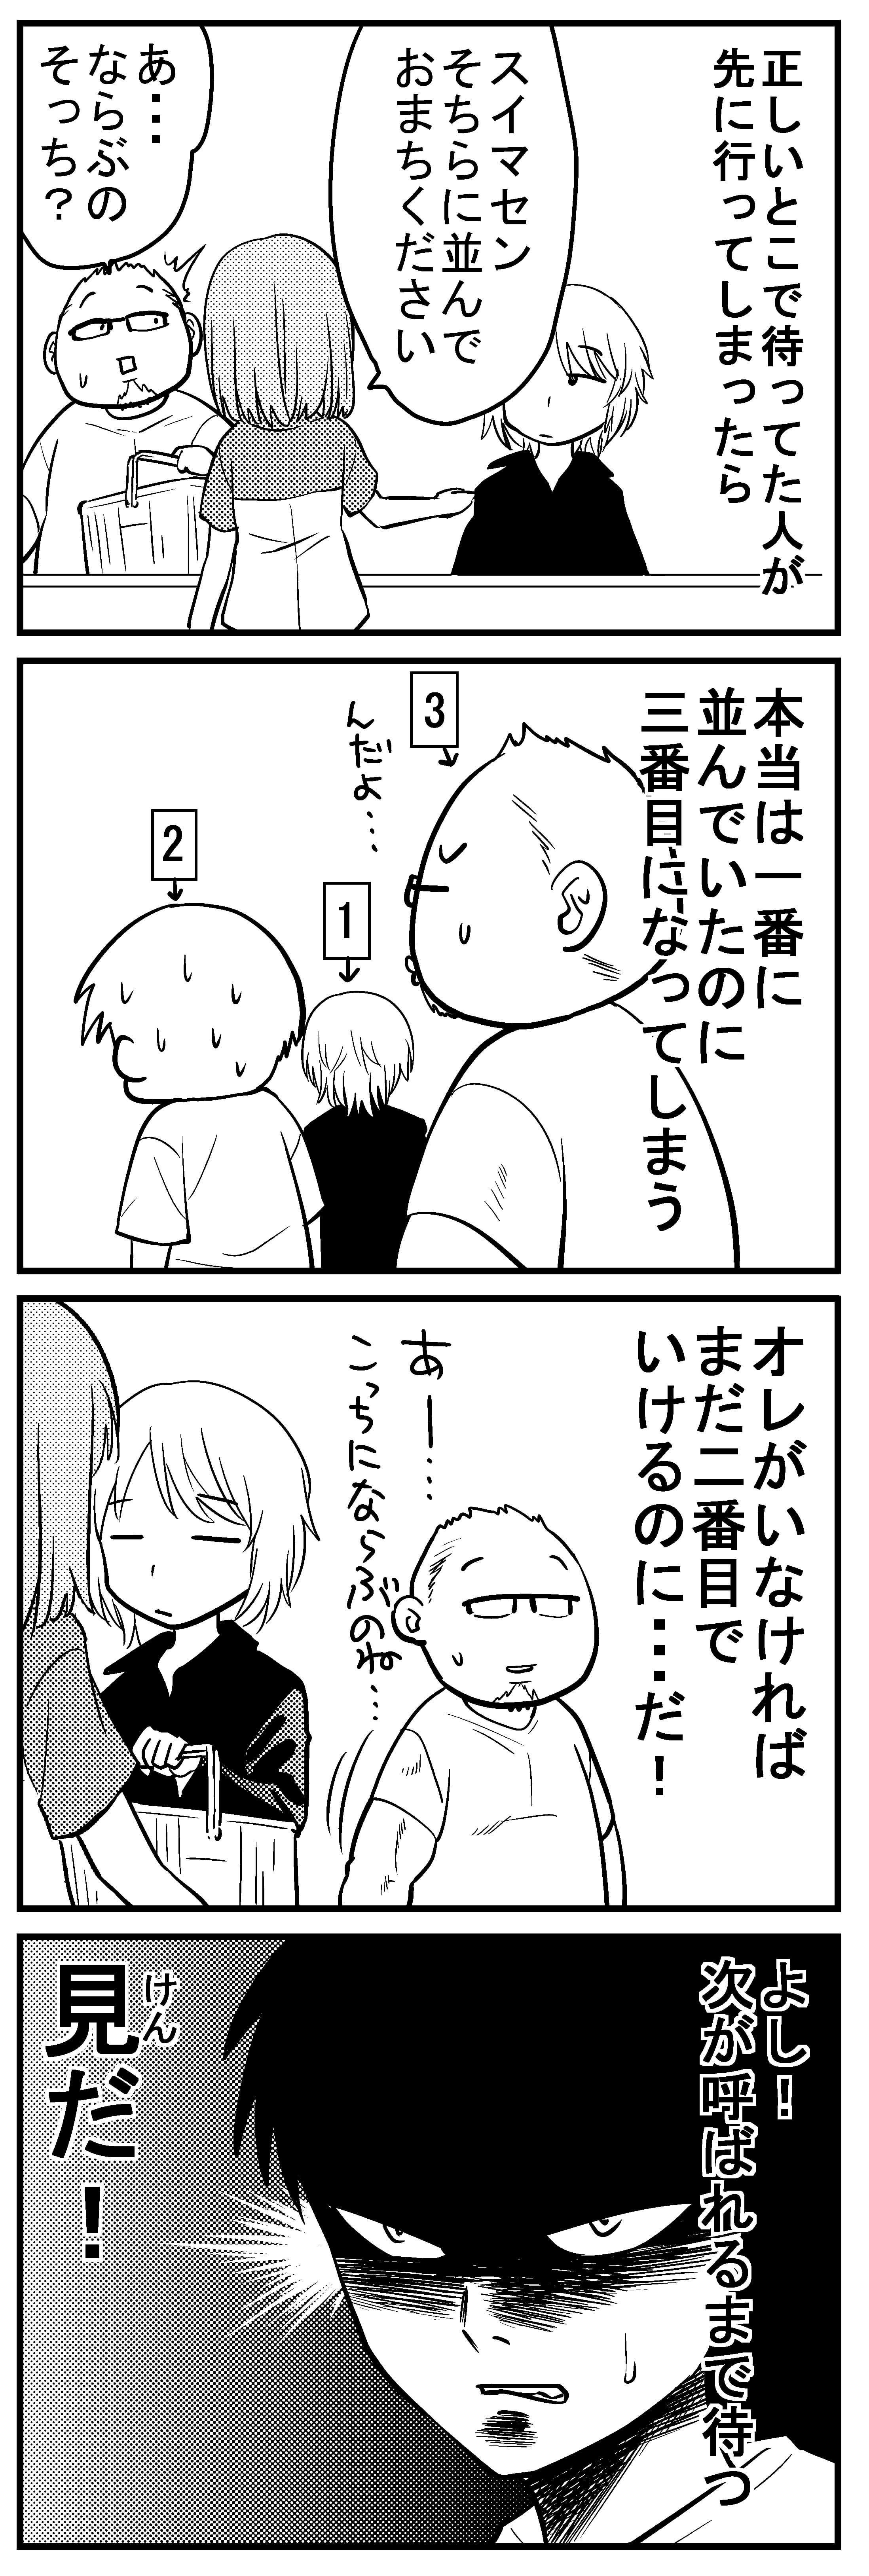 深読み君8 のコピー 2_mini (1)